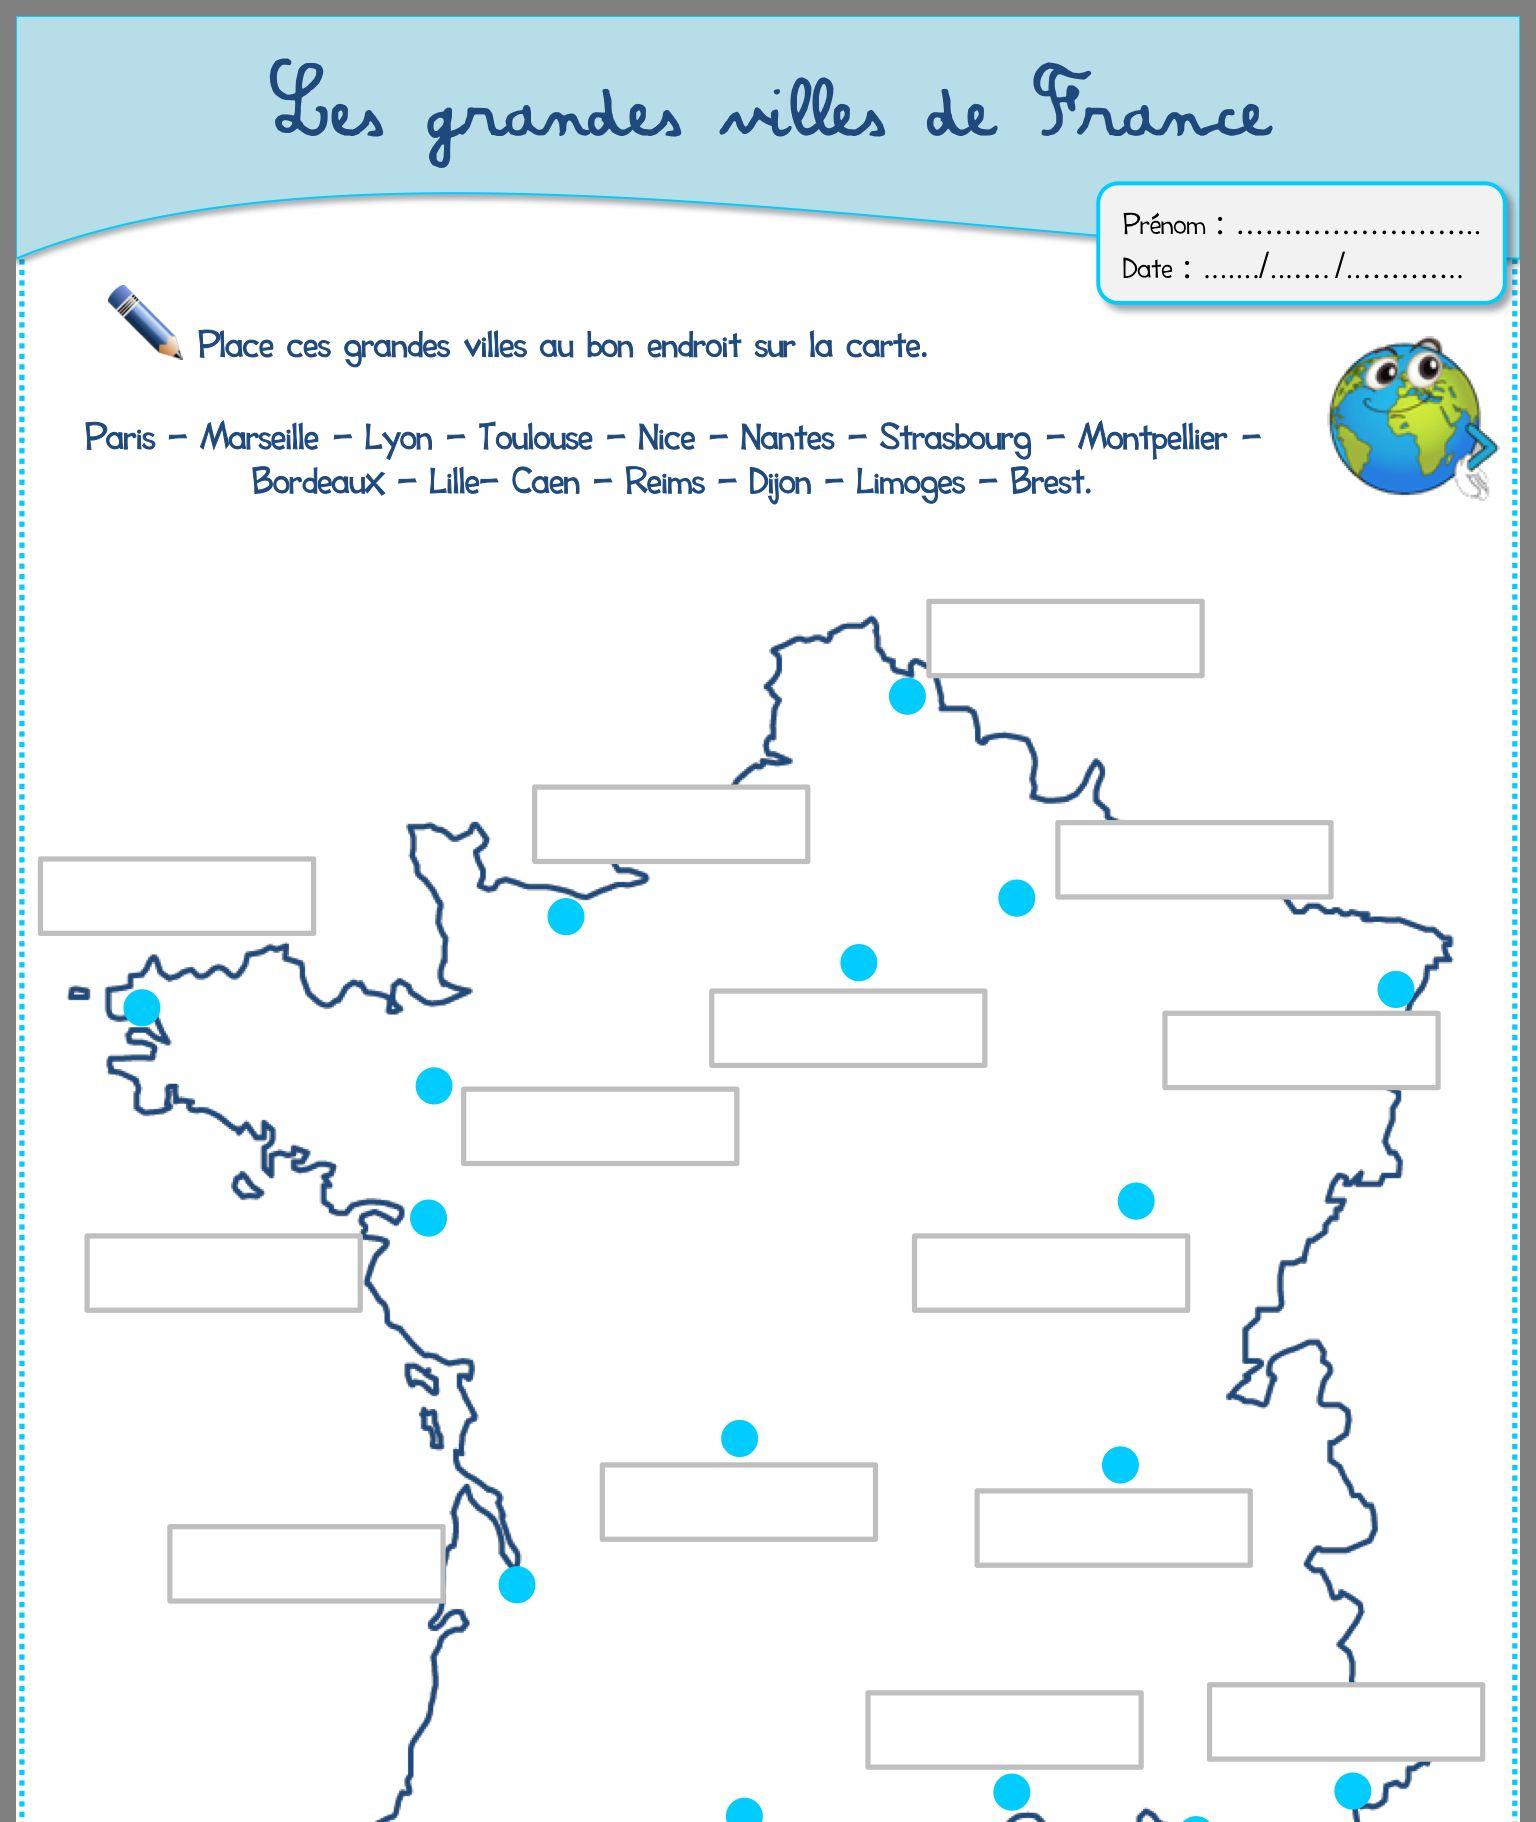 Les Grandes Villes En France | Ville France, Géographie intérieur Jeu Geographie Ville De France